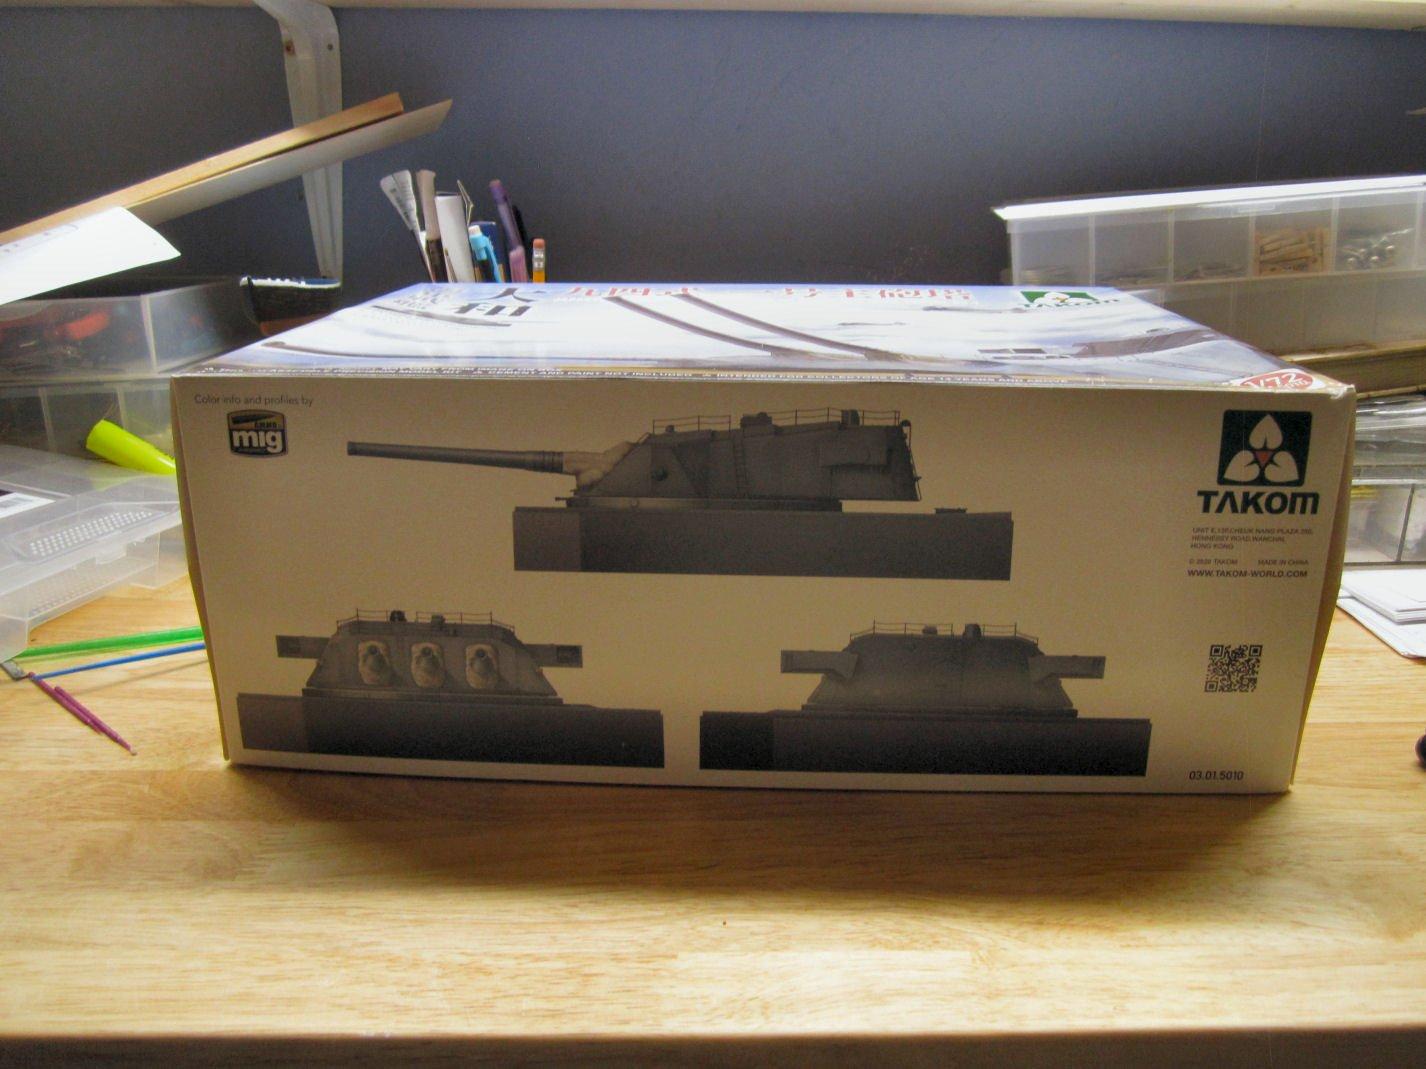 Yamato_002.JPG.9e1c04d44f6703e3a1f756980ec298d5.JPG